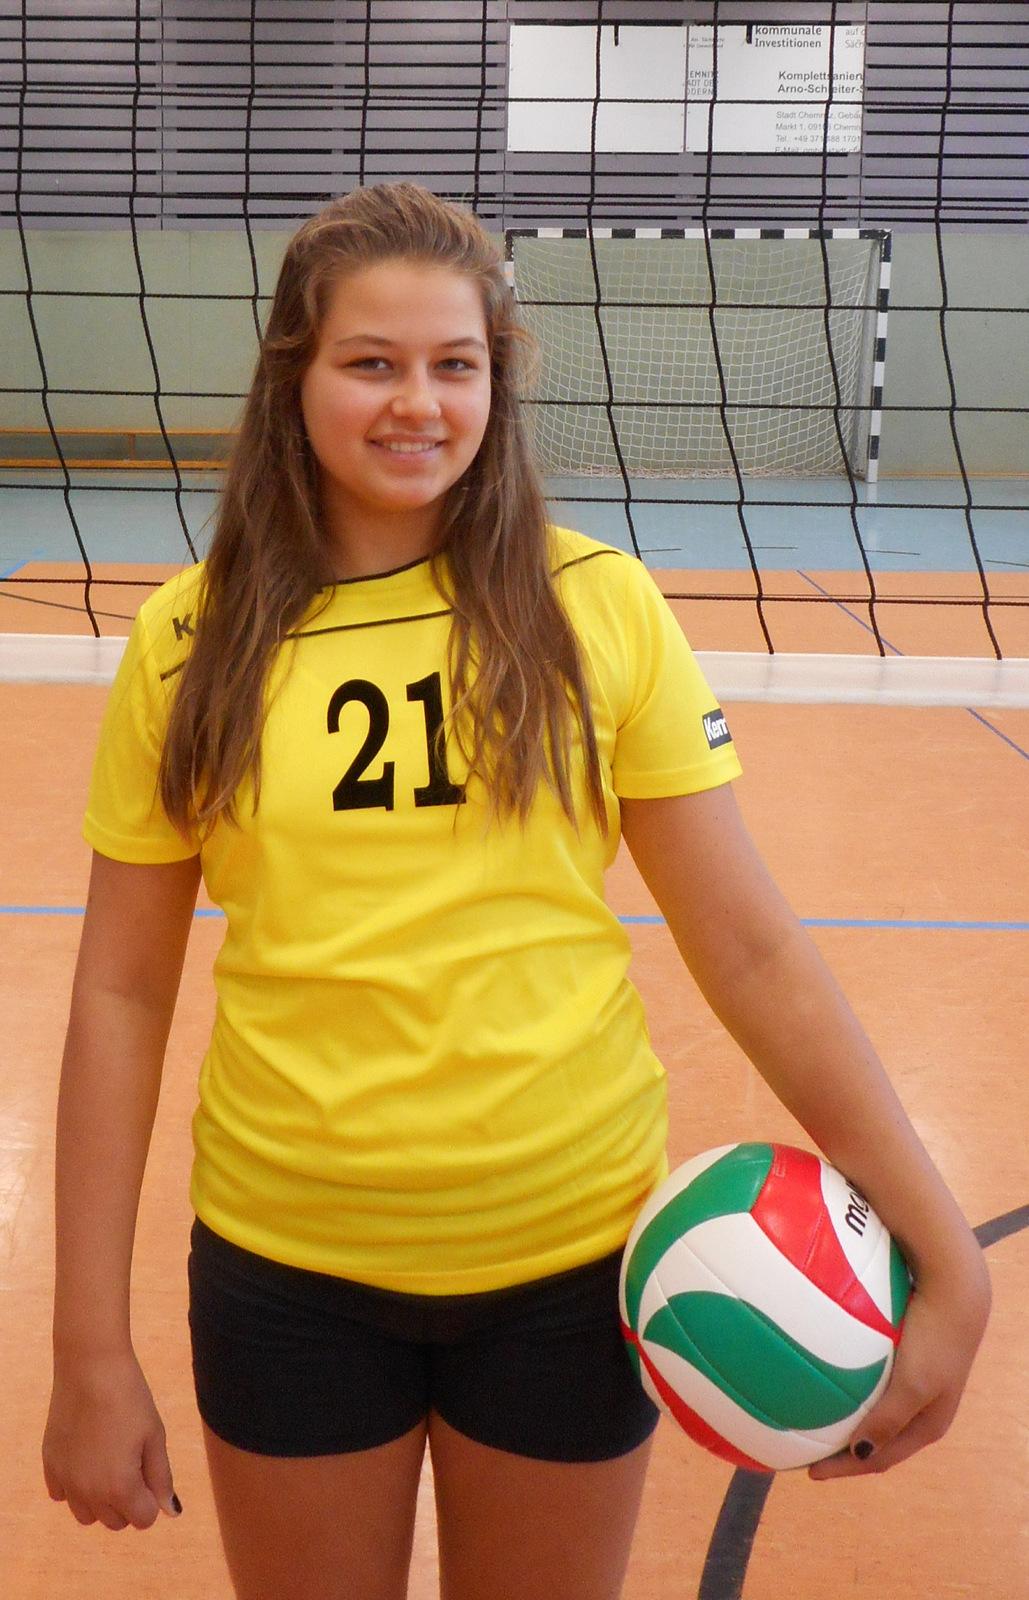 Maja Hensge